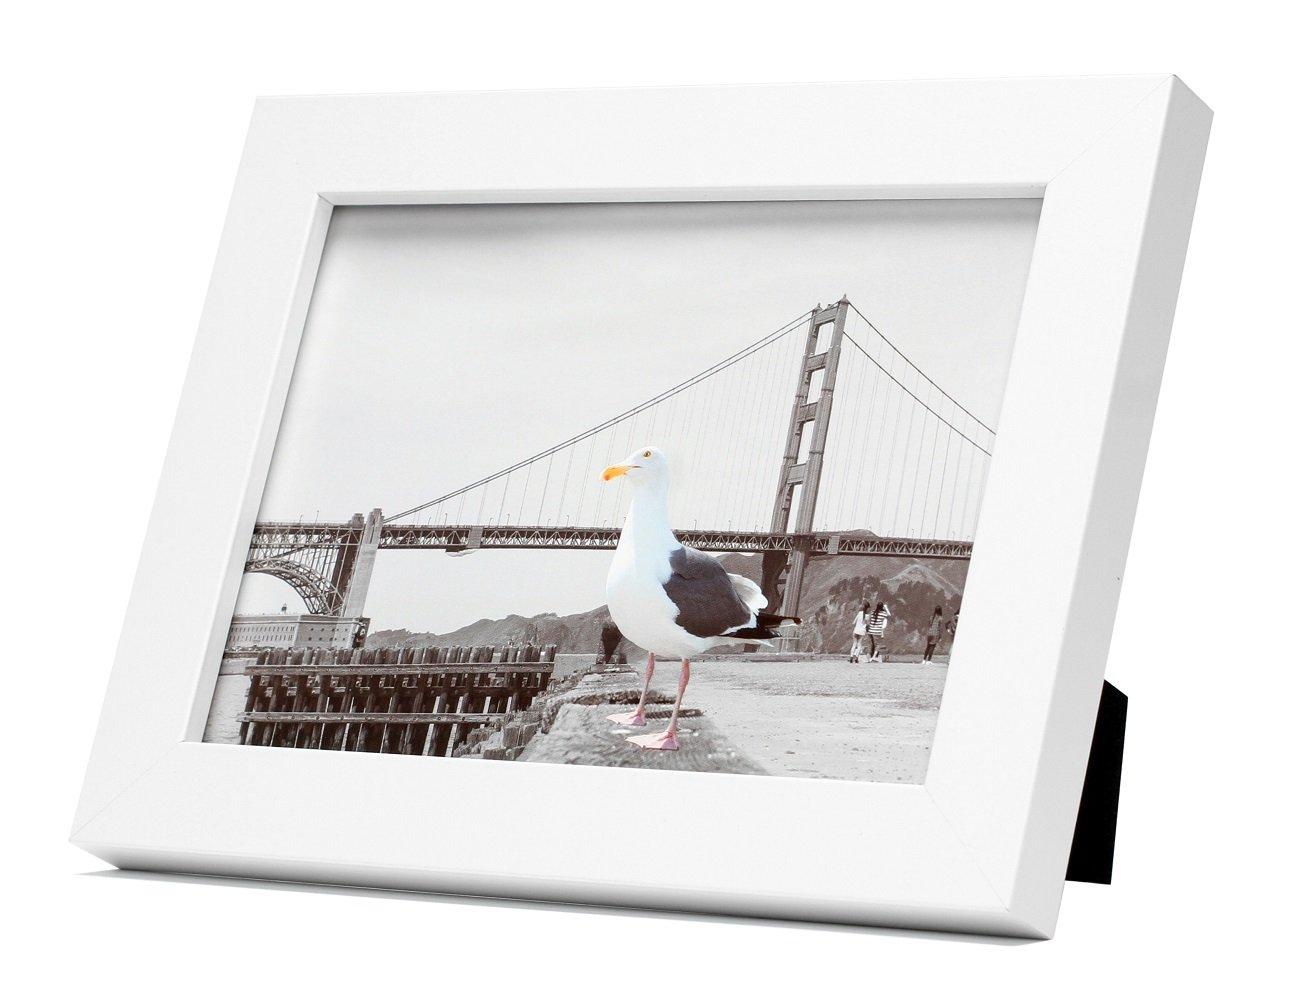 Fein 16x20 Weiß Bilderrahmen Galerie - Benutzerdefinierte ...